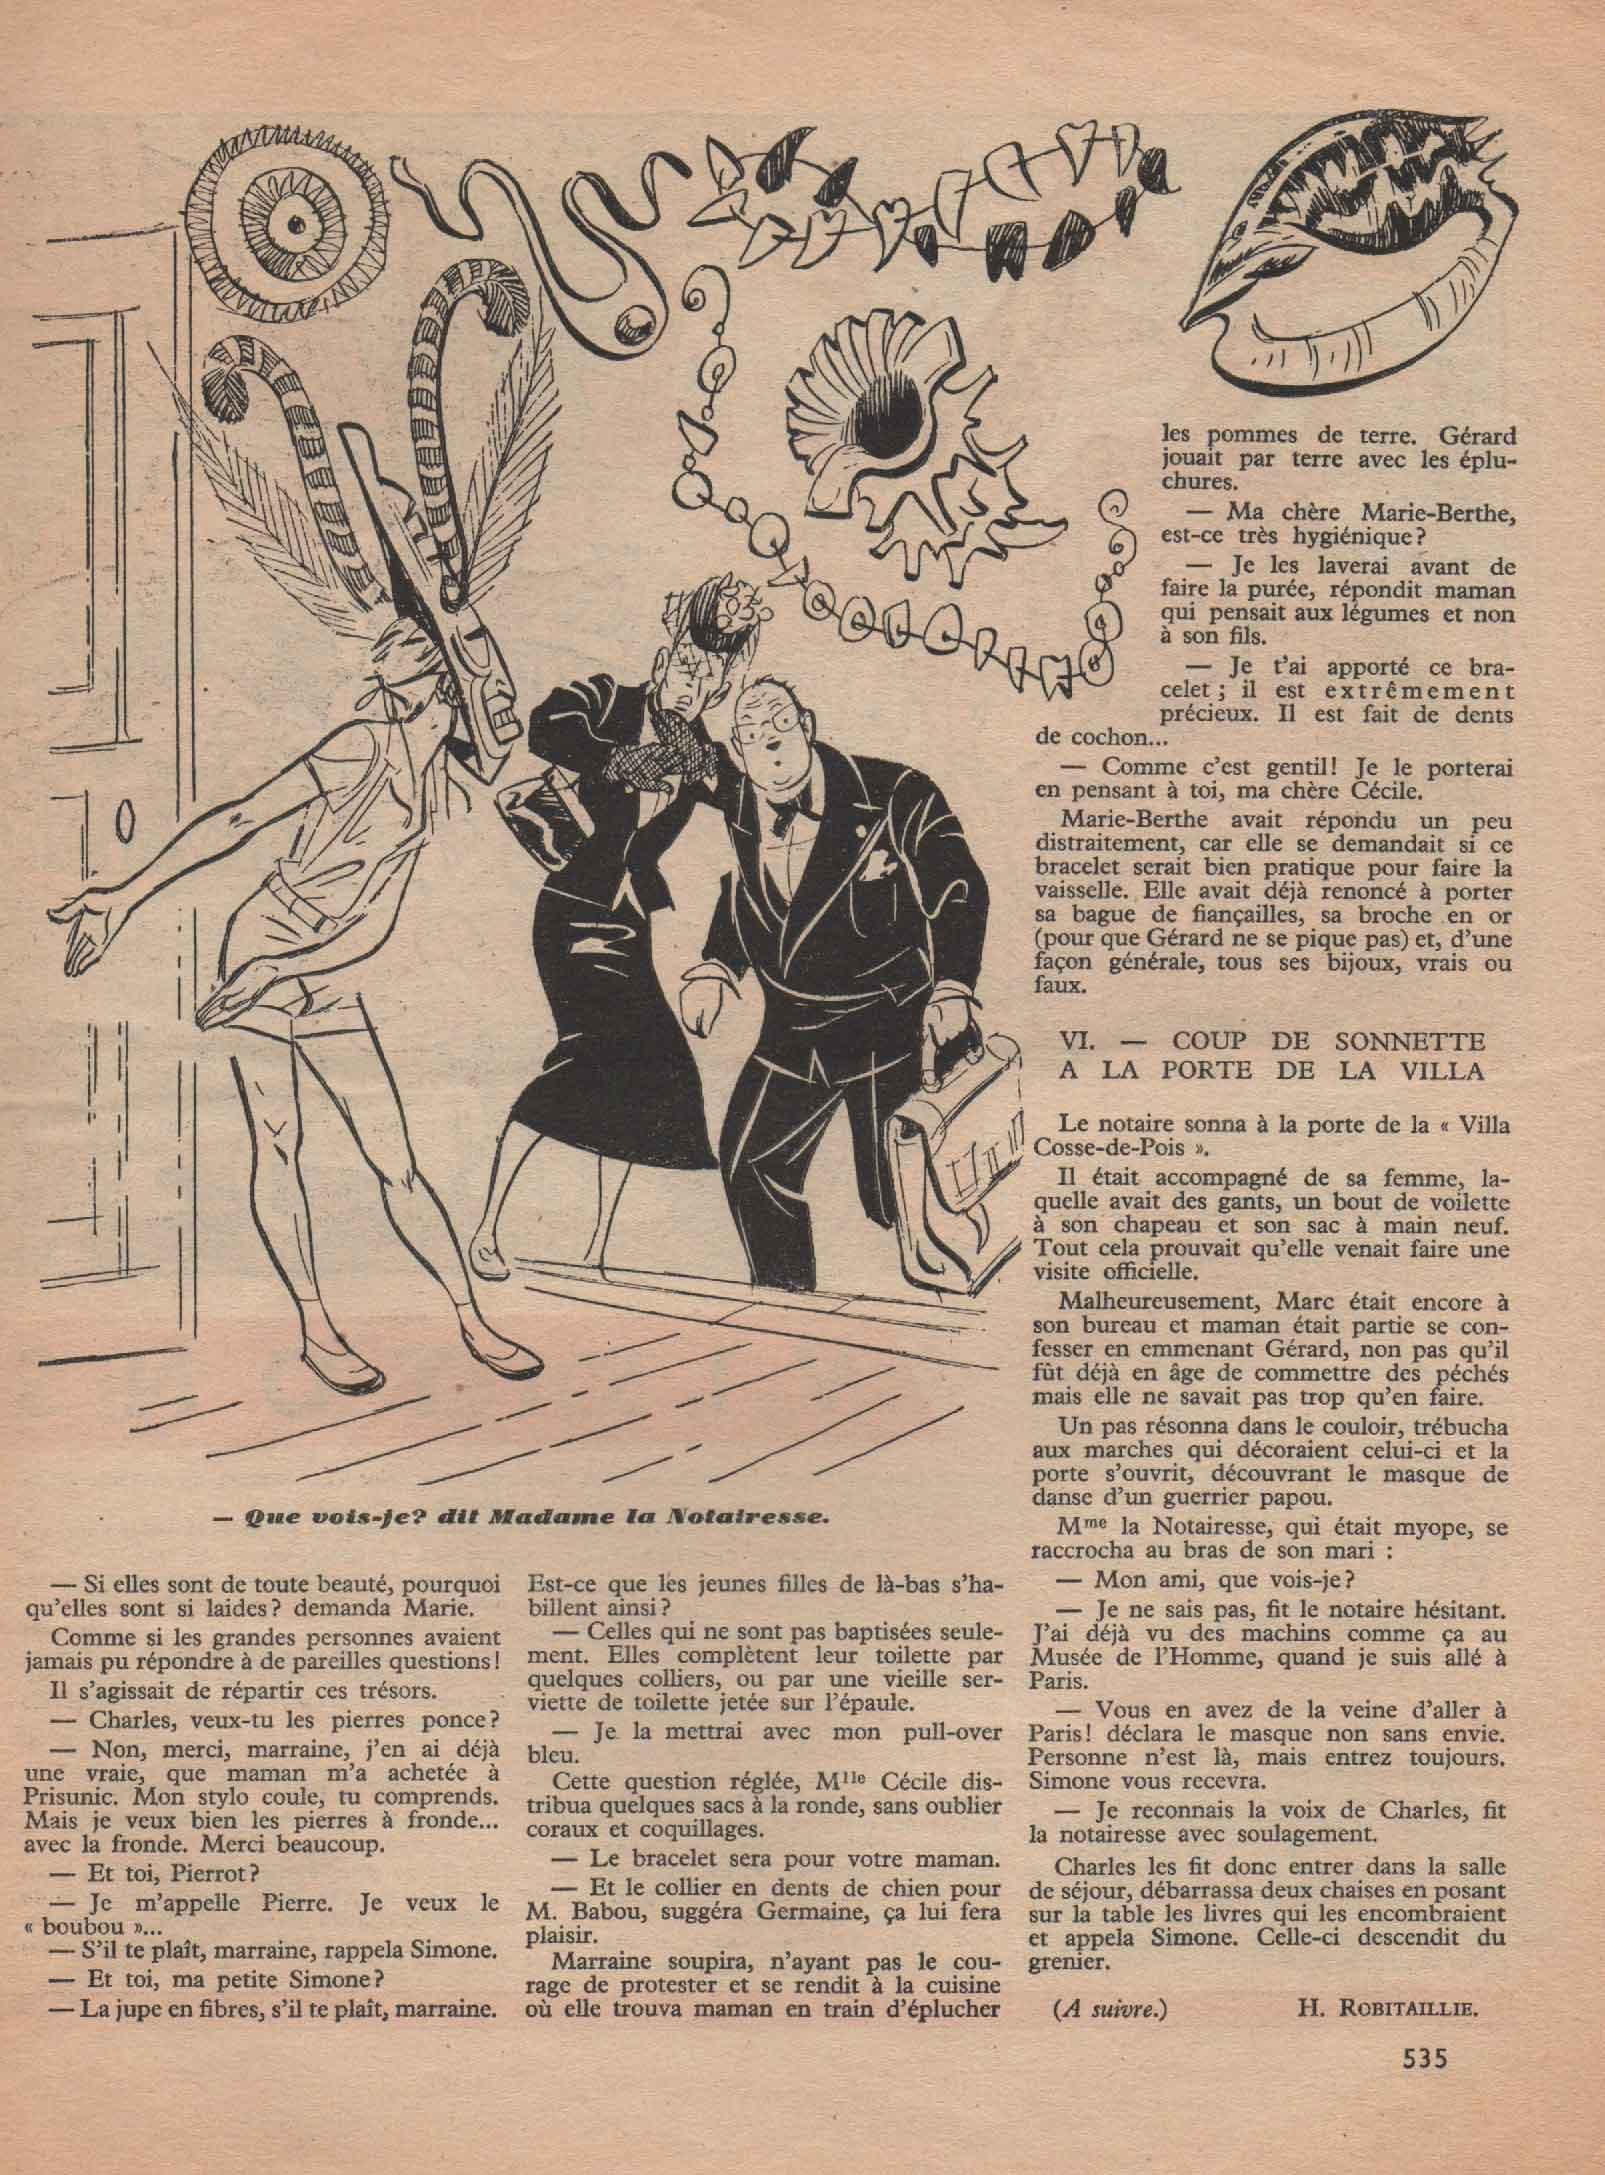 « La Villa Cosse-du-pain » Semaine de Suzette n° 34 (21-07-1955);